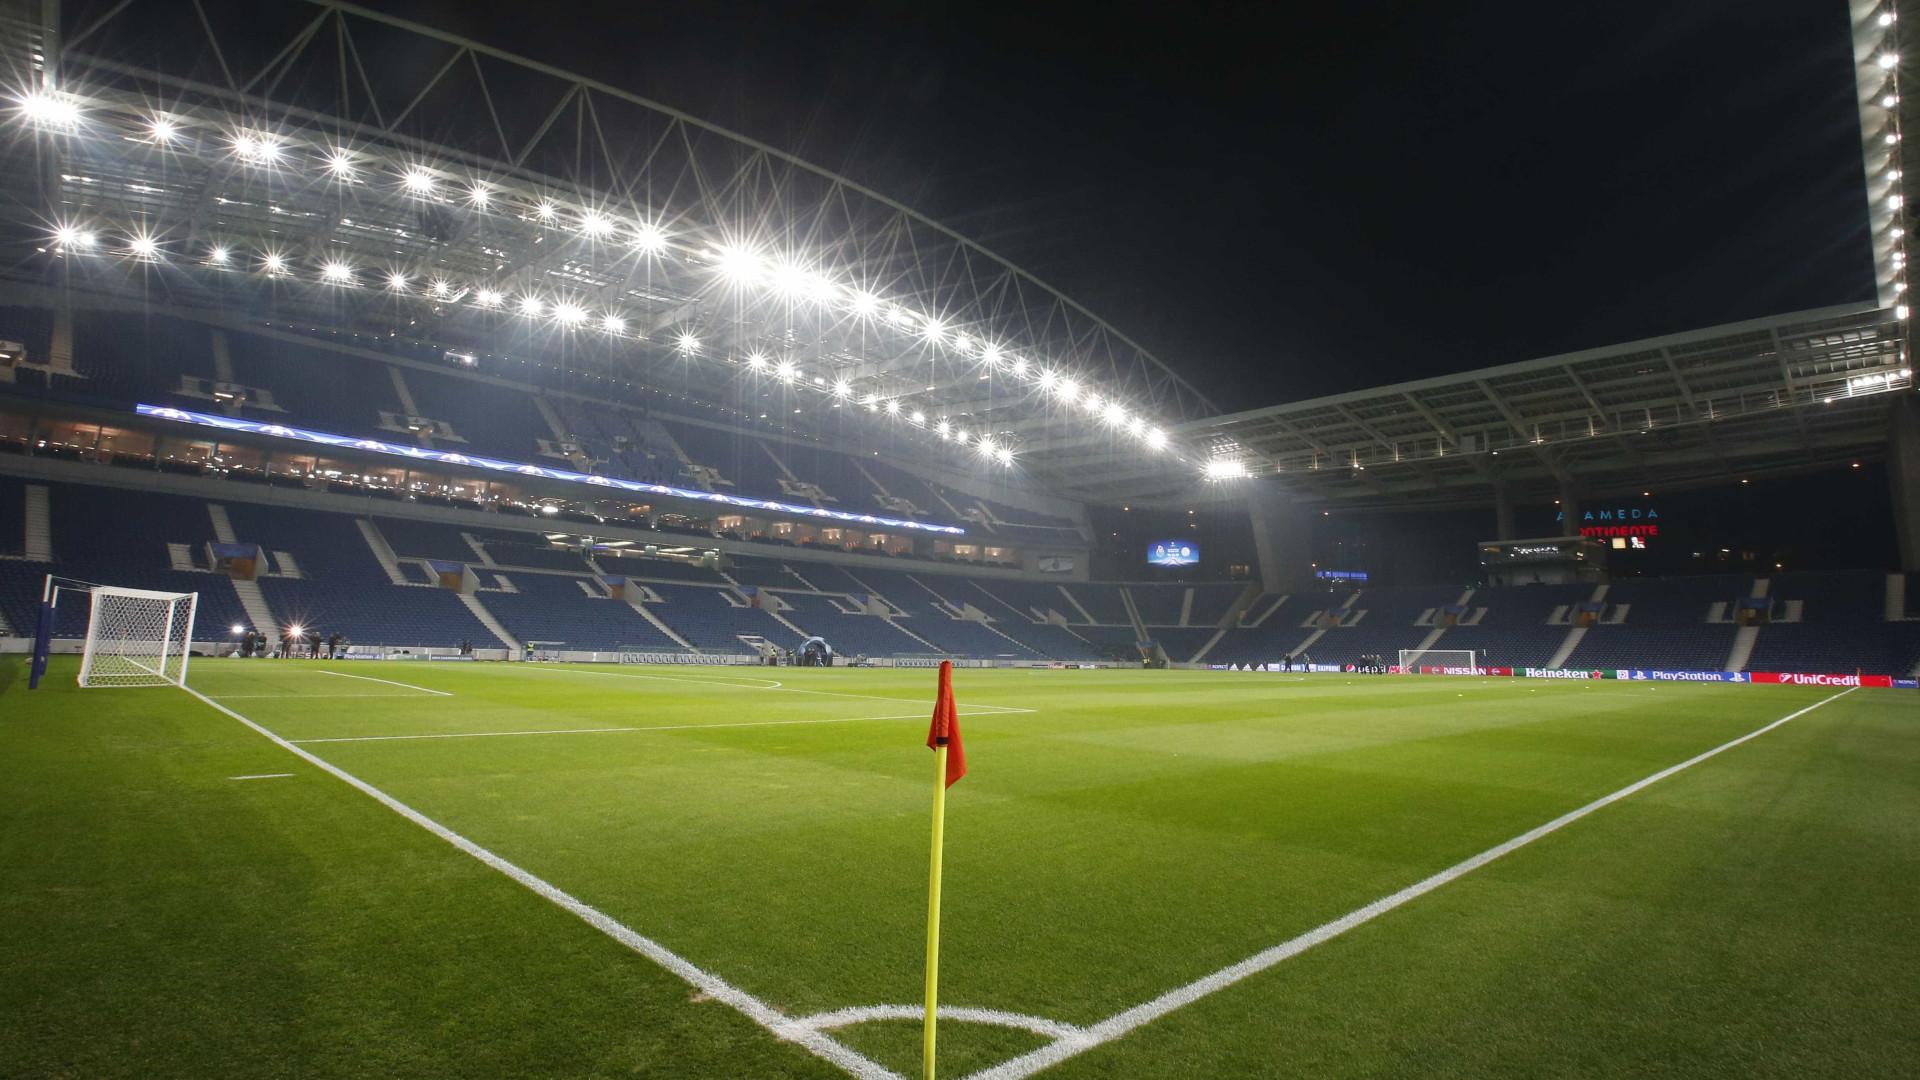 SAD do FC Porto apresenta prejuízos de 28,4 milhões em ano de título